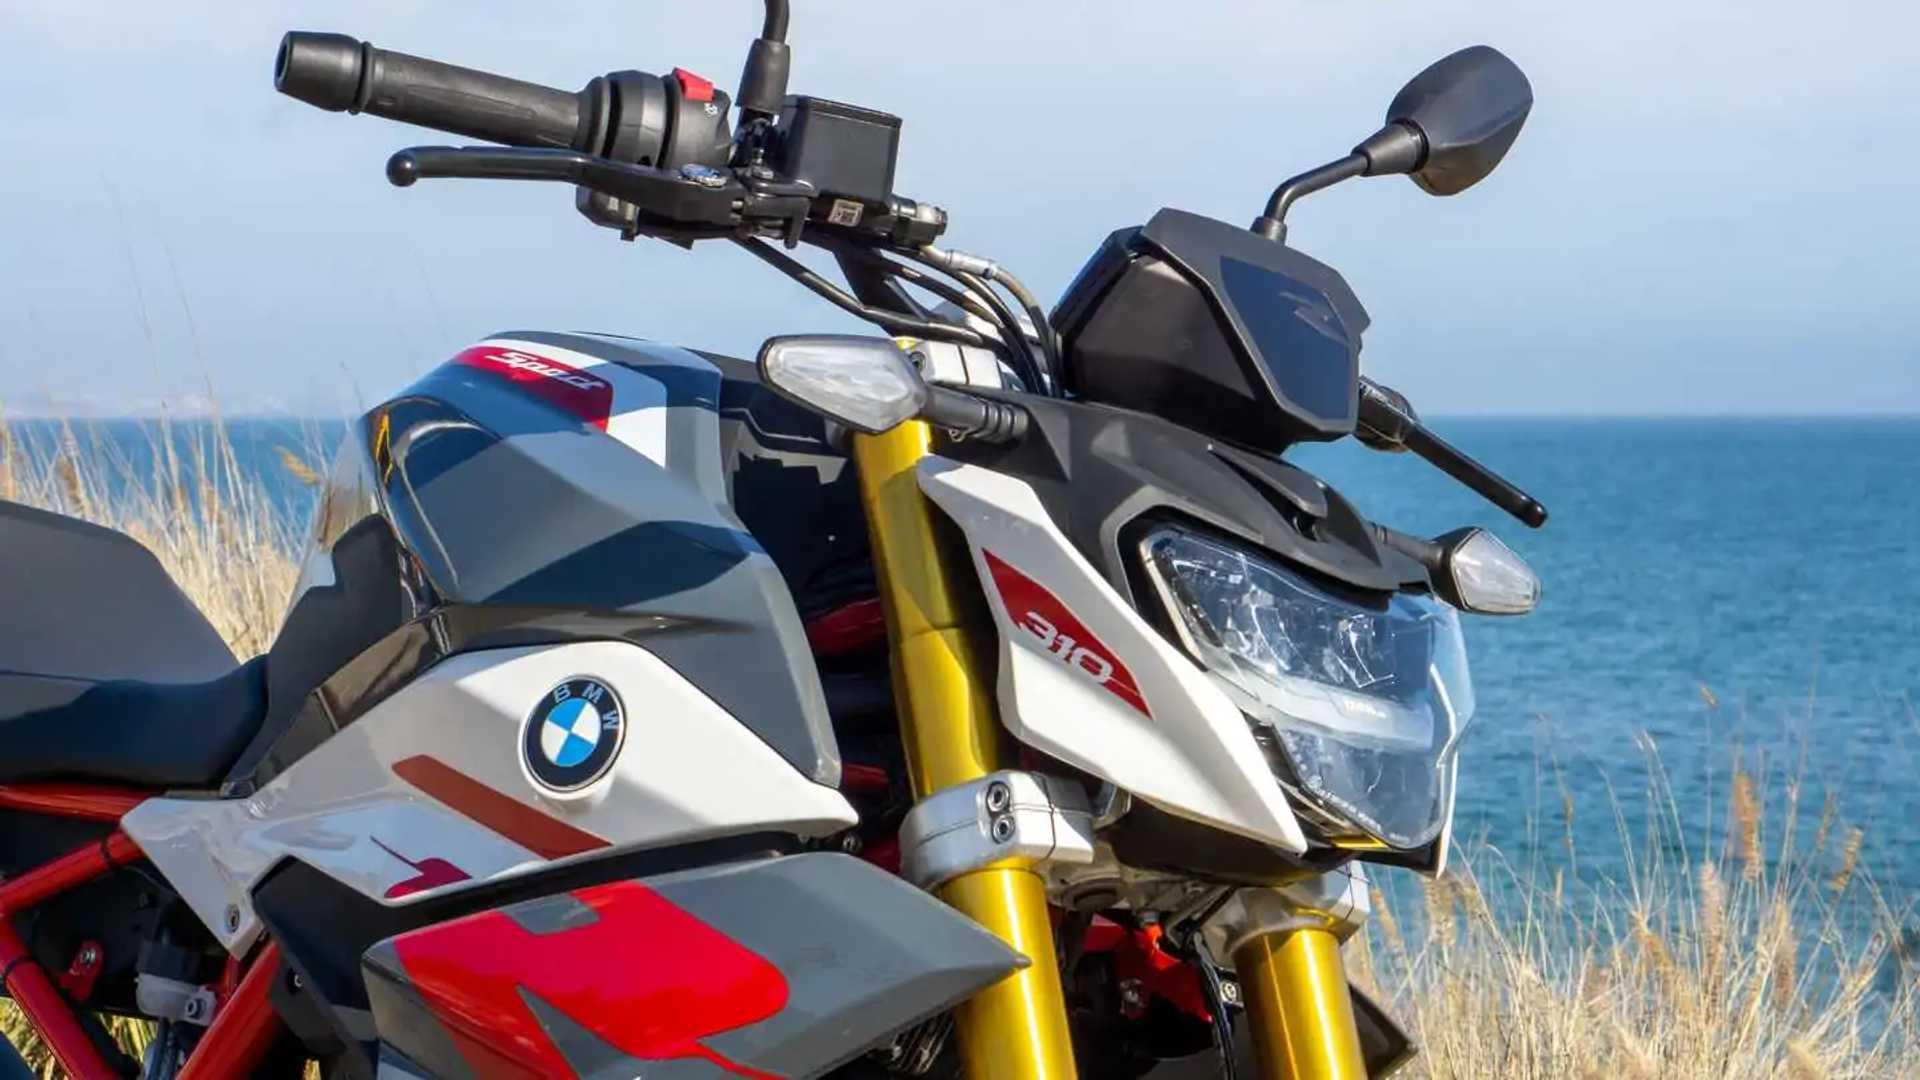 2021 BMW G 310 R - LED Headligt